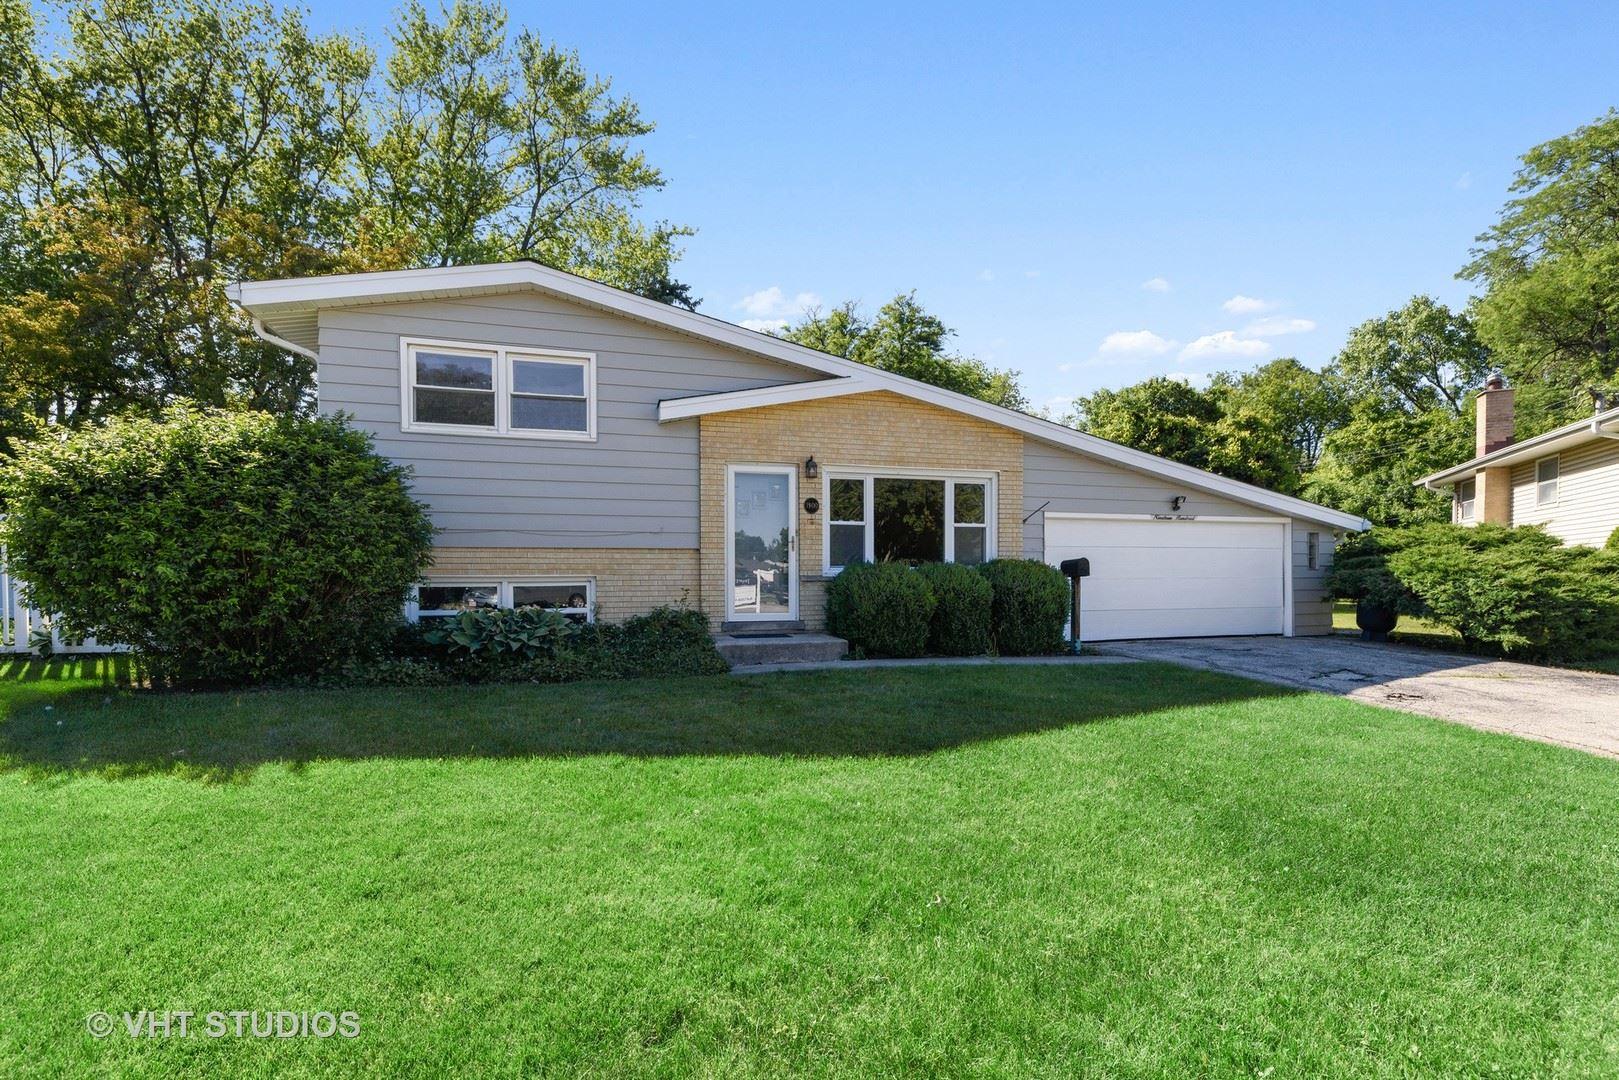 1900 Koehler Drive, Des Plaines, IL 60018 - #: 10742753